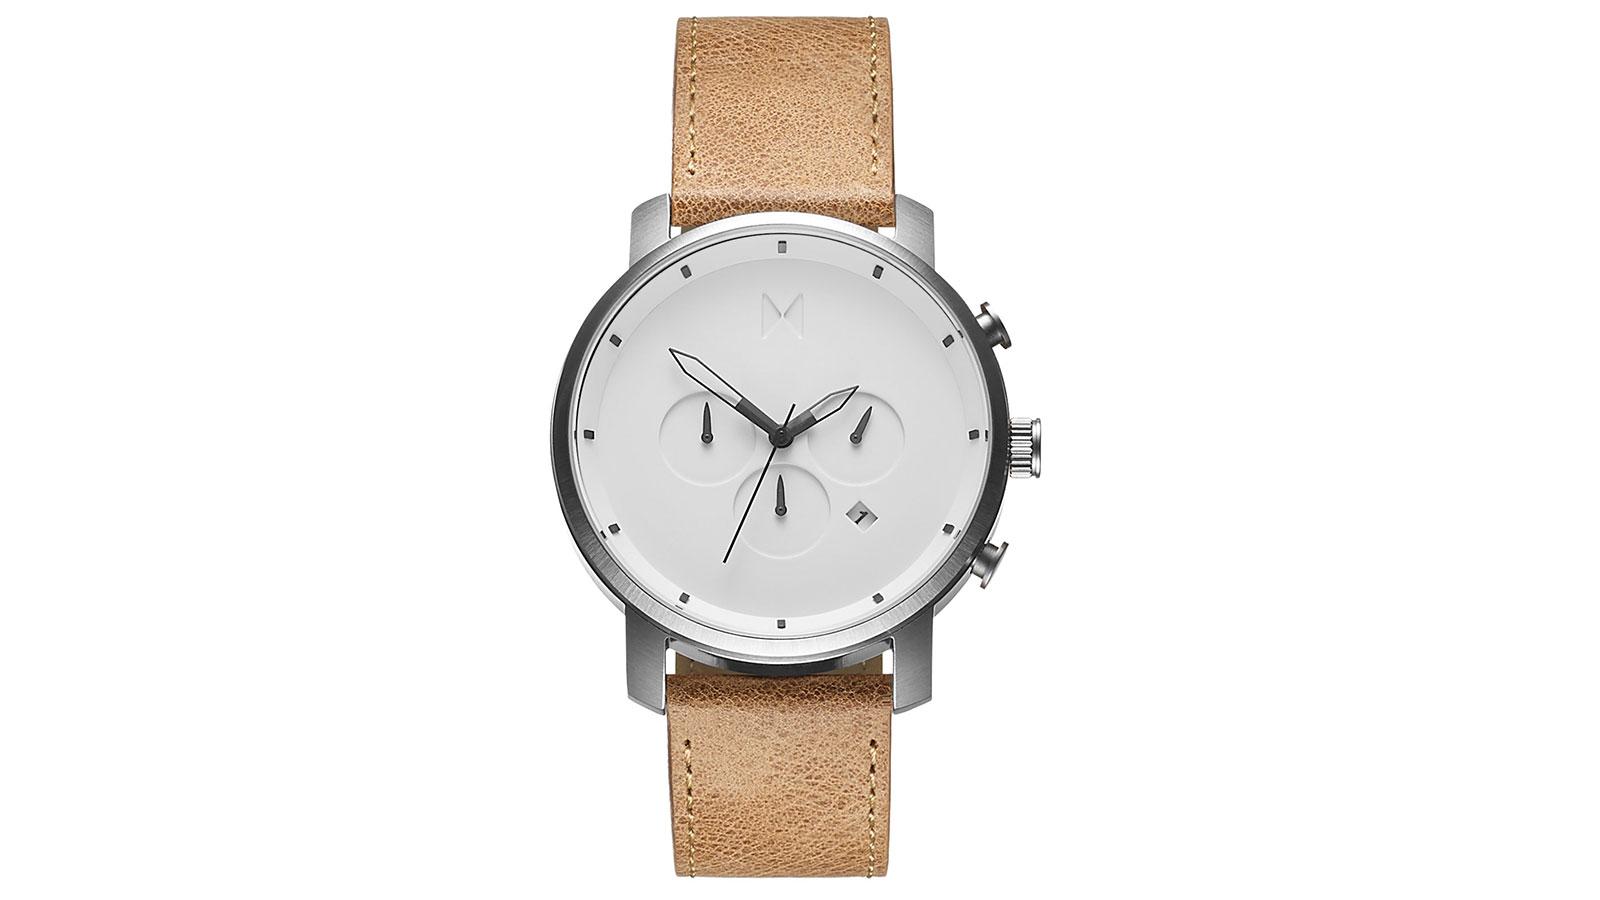 MVMT Chrono White Caramel Leather Watch | best men's watches under $300